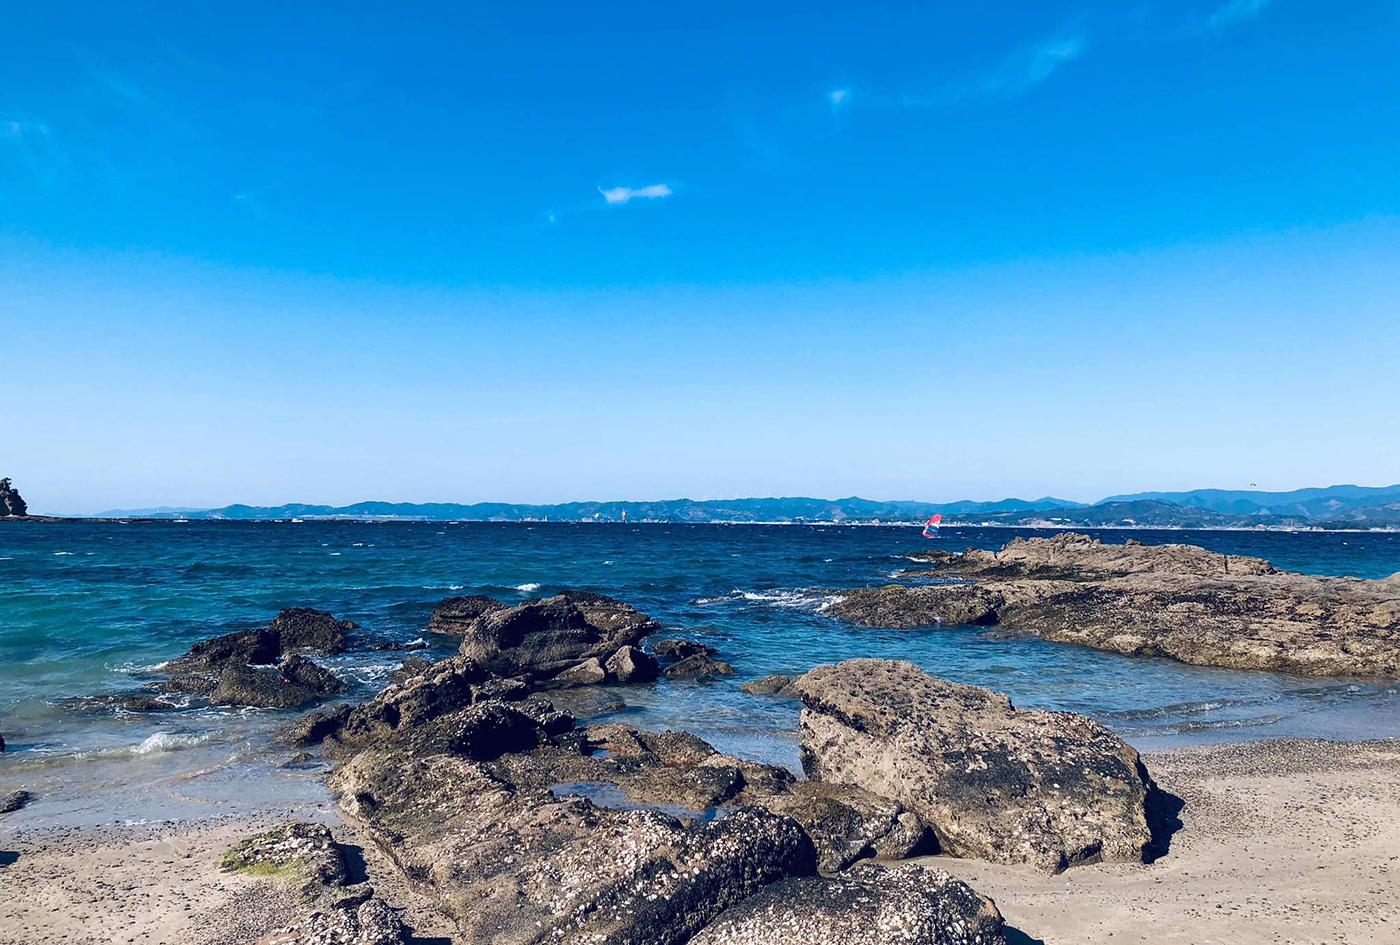 ウインドサーフィンスクール 体験コース | 大阪(淀川)